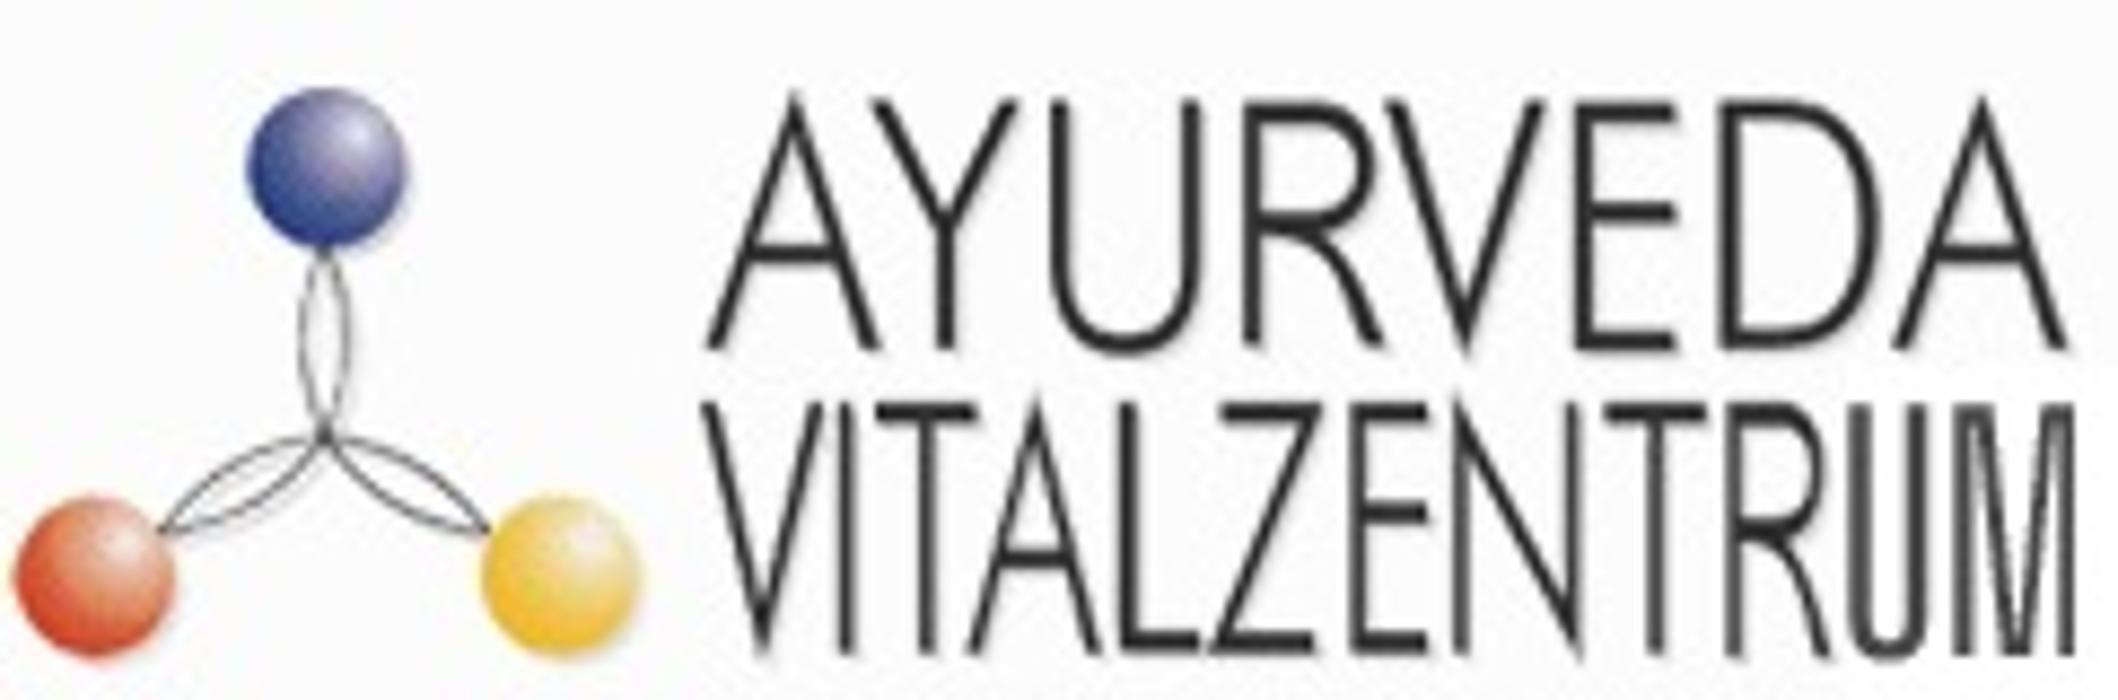 Bild zu Ayurveda Vitalzentrum in München